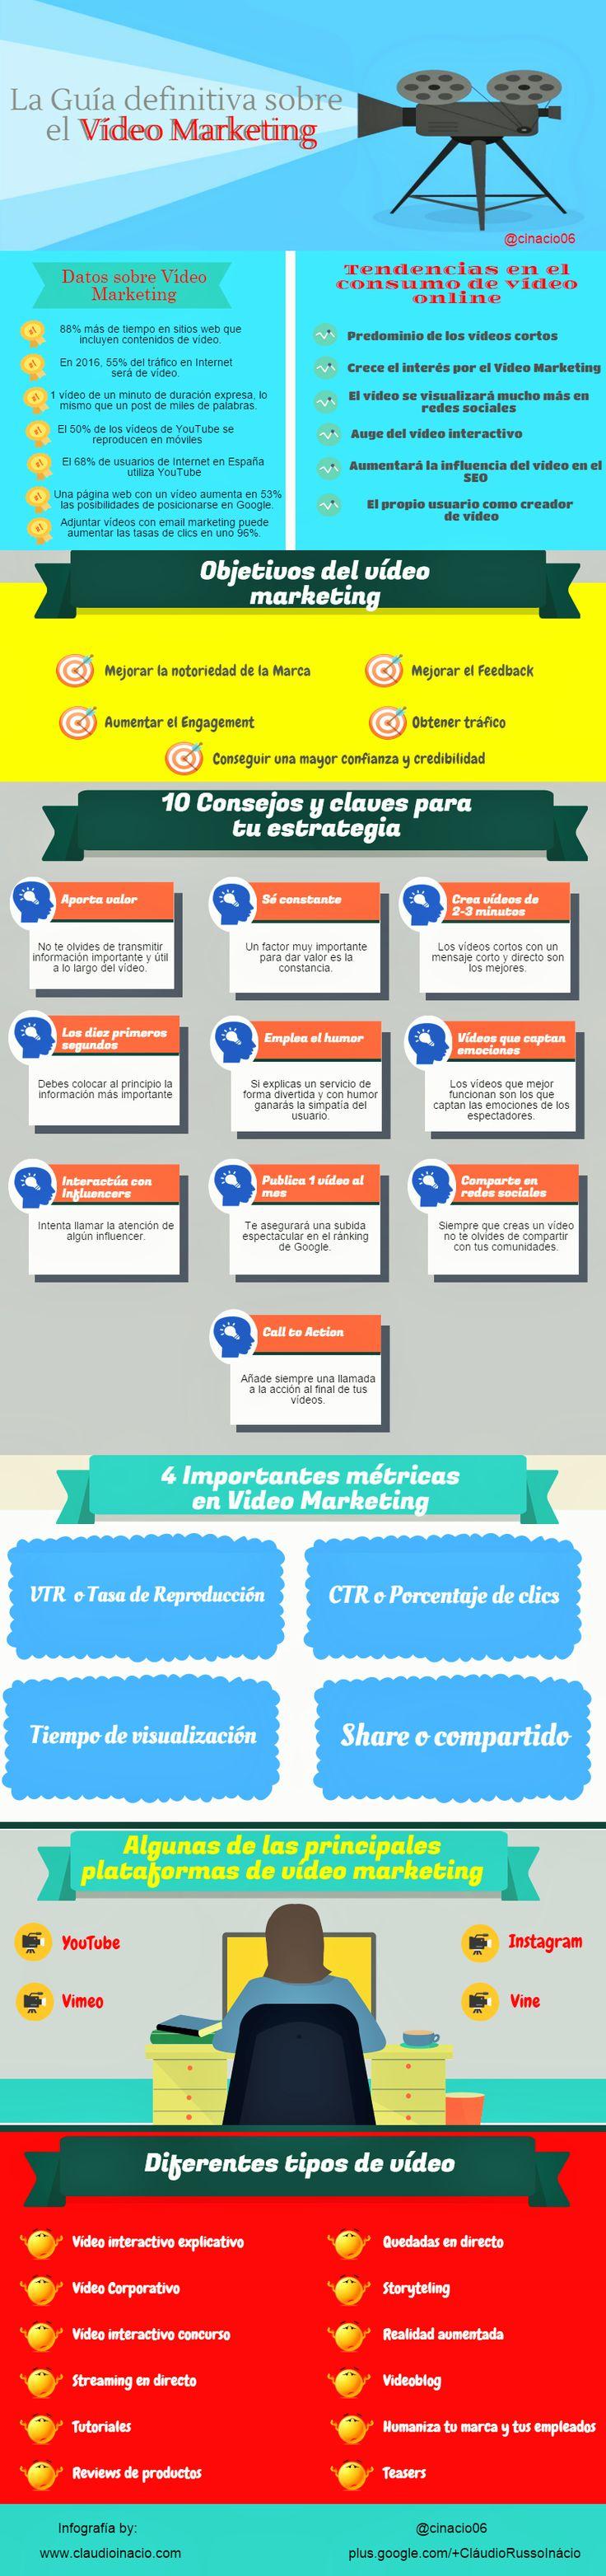 Guía definitiva de Vídeo Marketing #infografia #infographic #marketing Ideas Negocios Online para www.masymejor.com